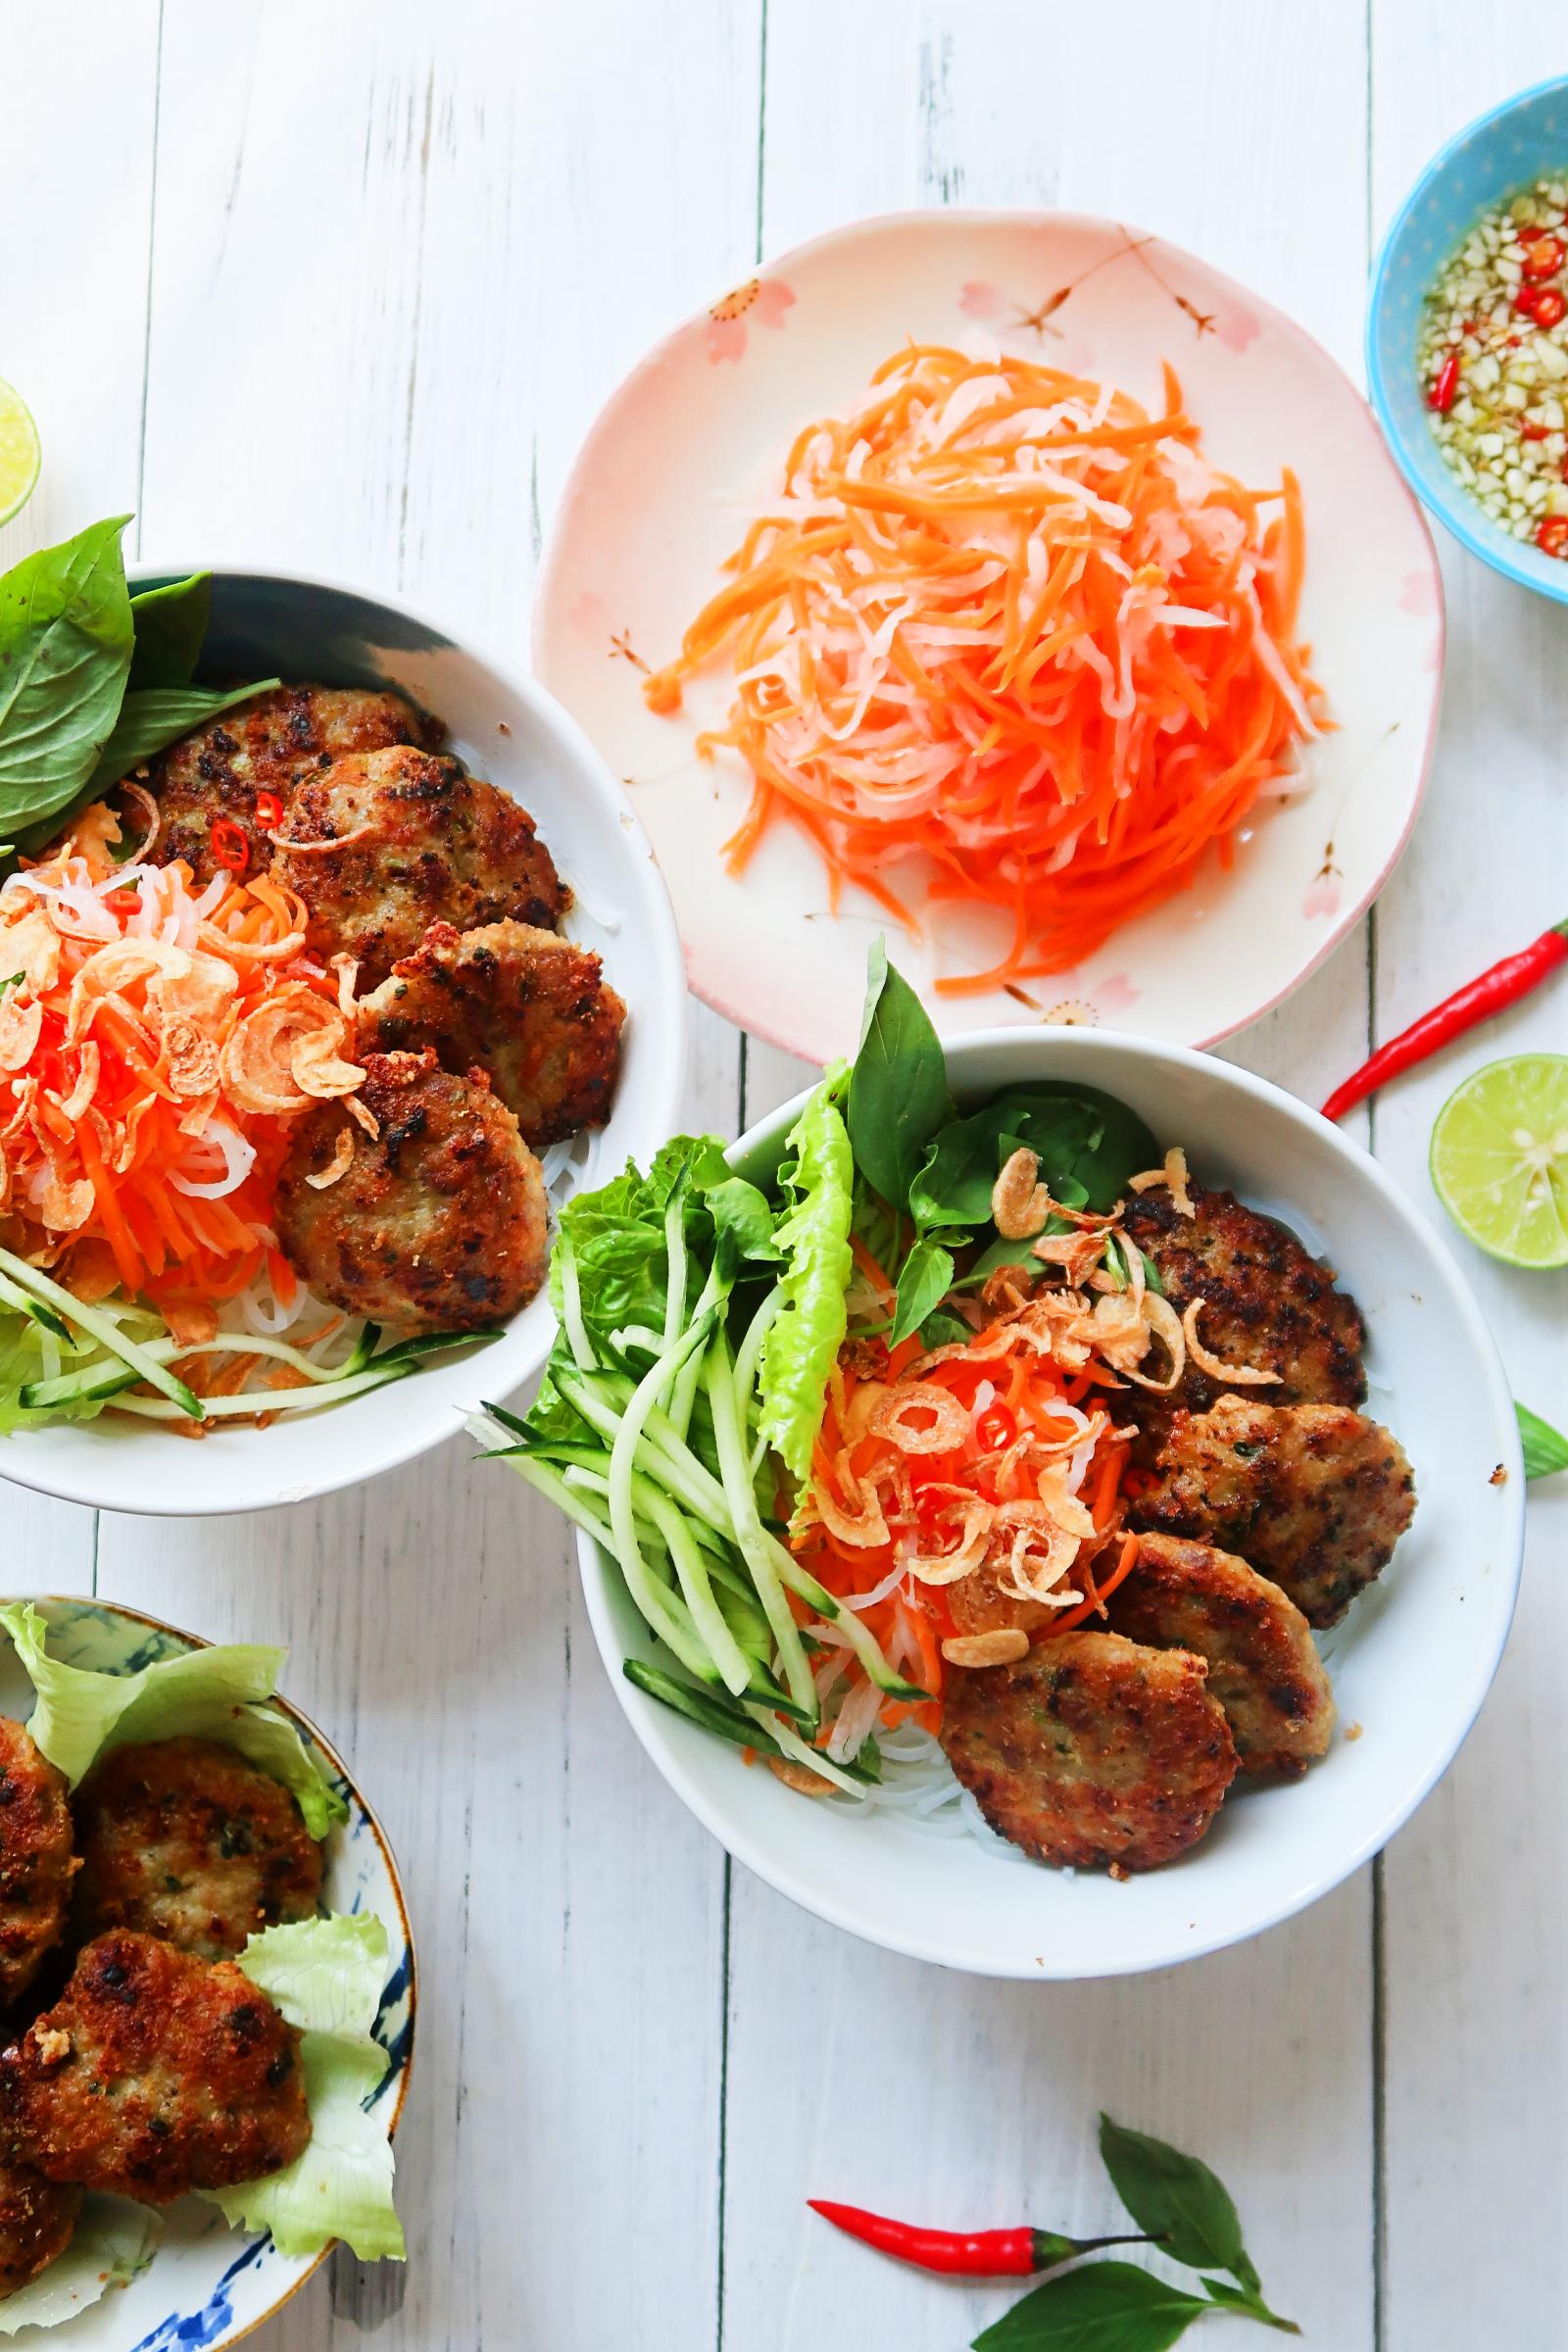 越南炭烤肉餅配涼拌魚露檬粉 Bún chả